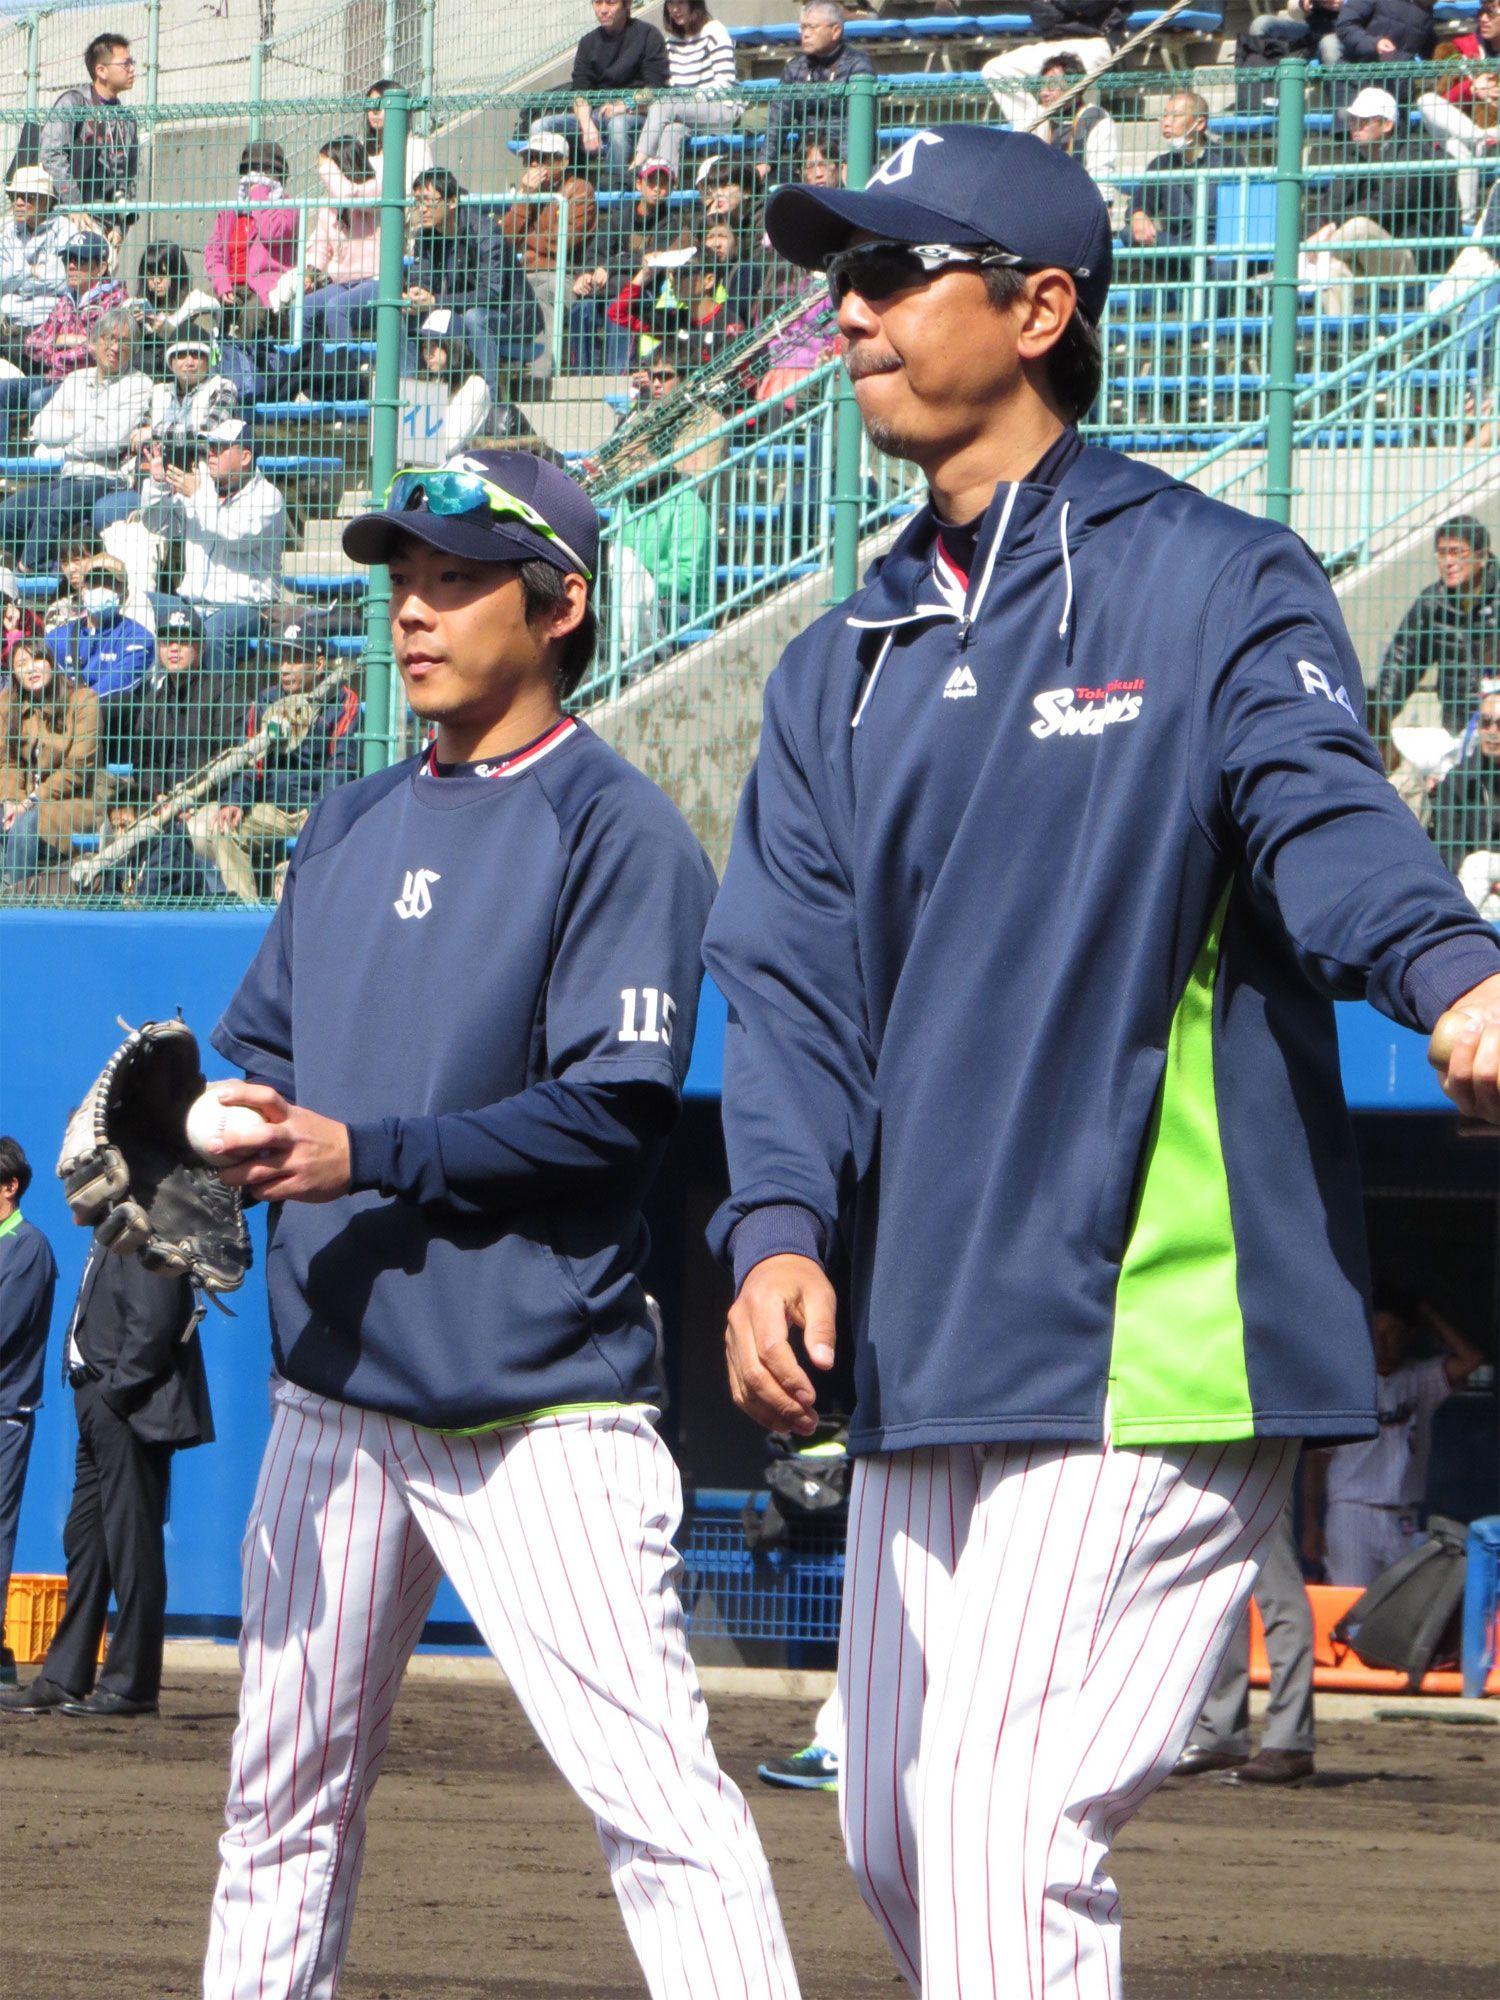 来季からBC富山監督に就任する伊藤智仁 ©HISATO